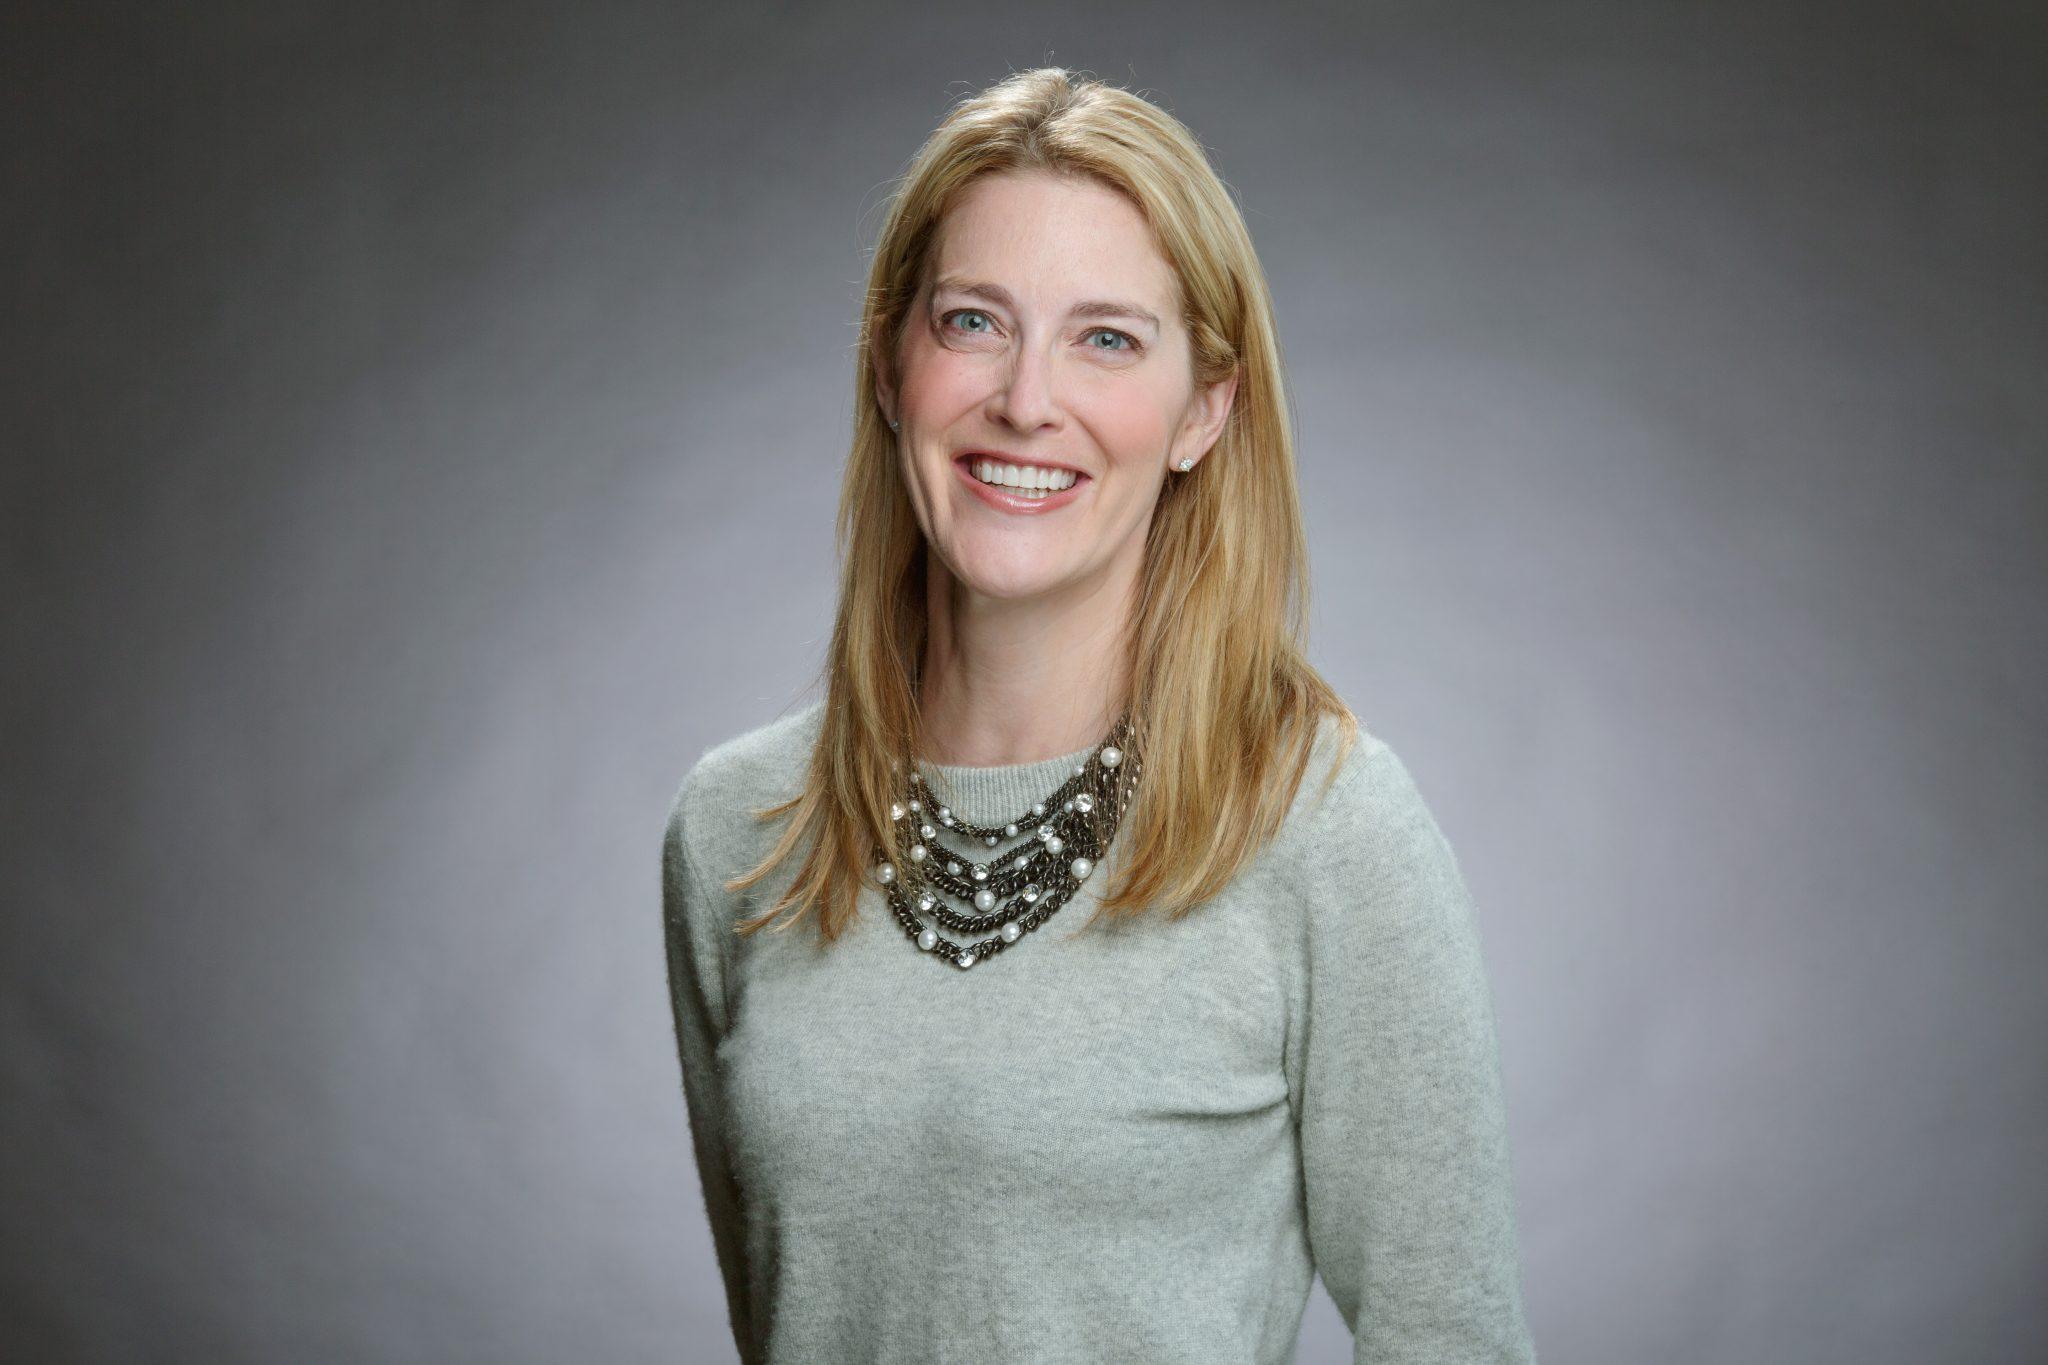 Jenn Lesser Henley